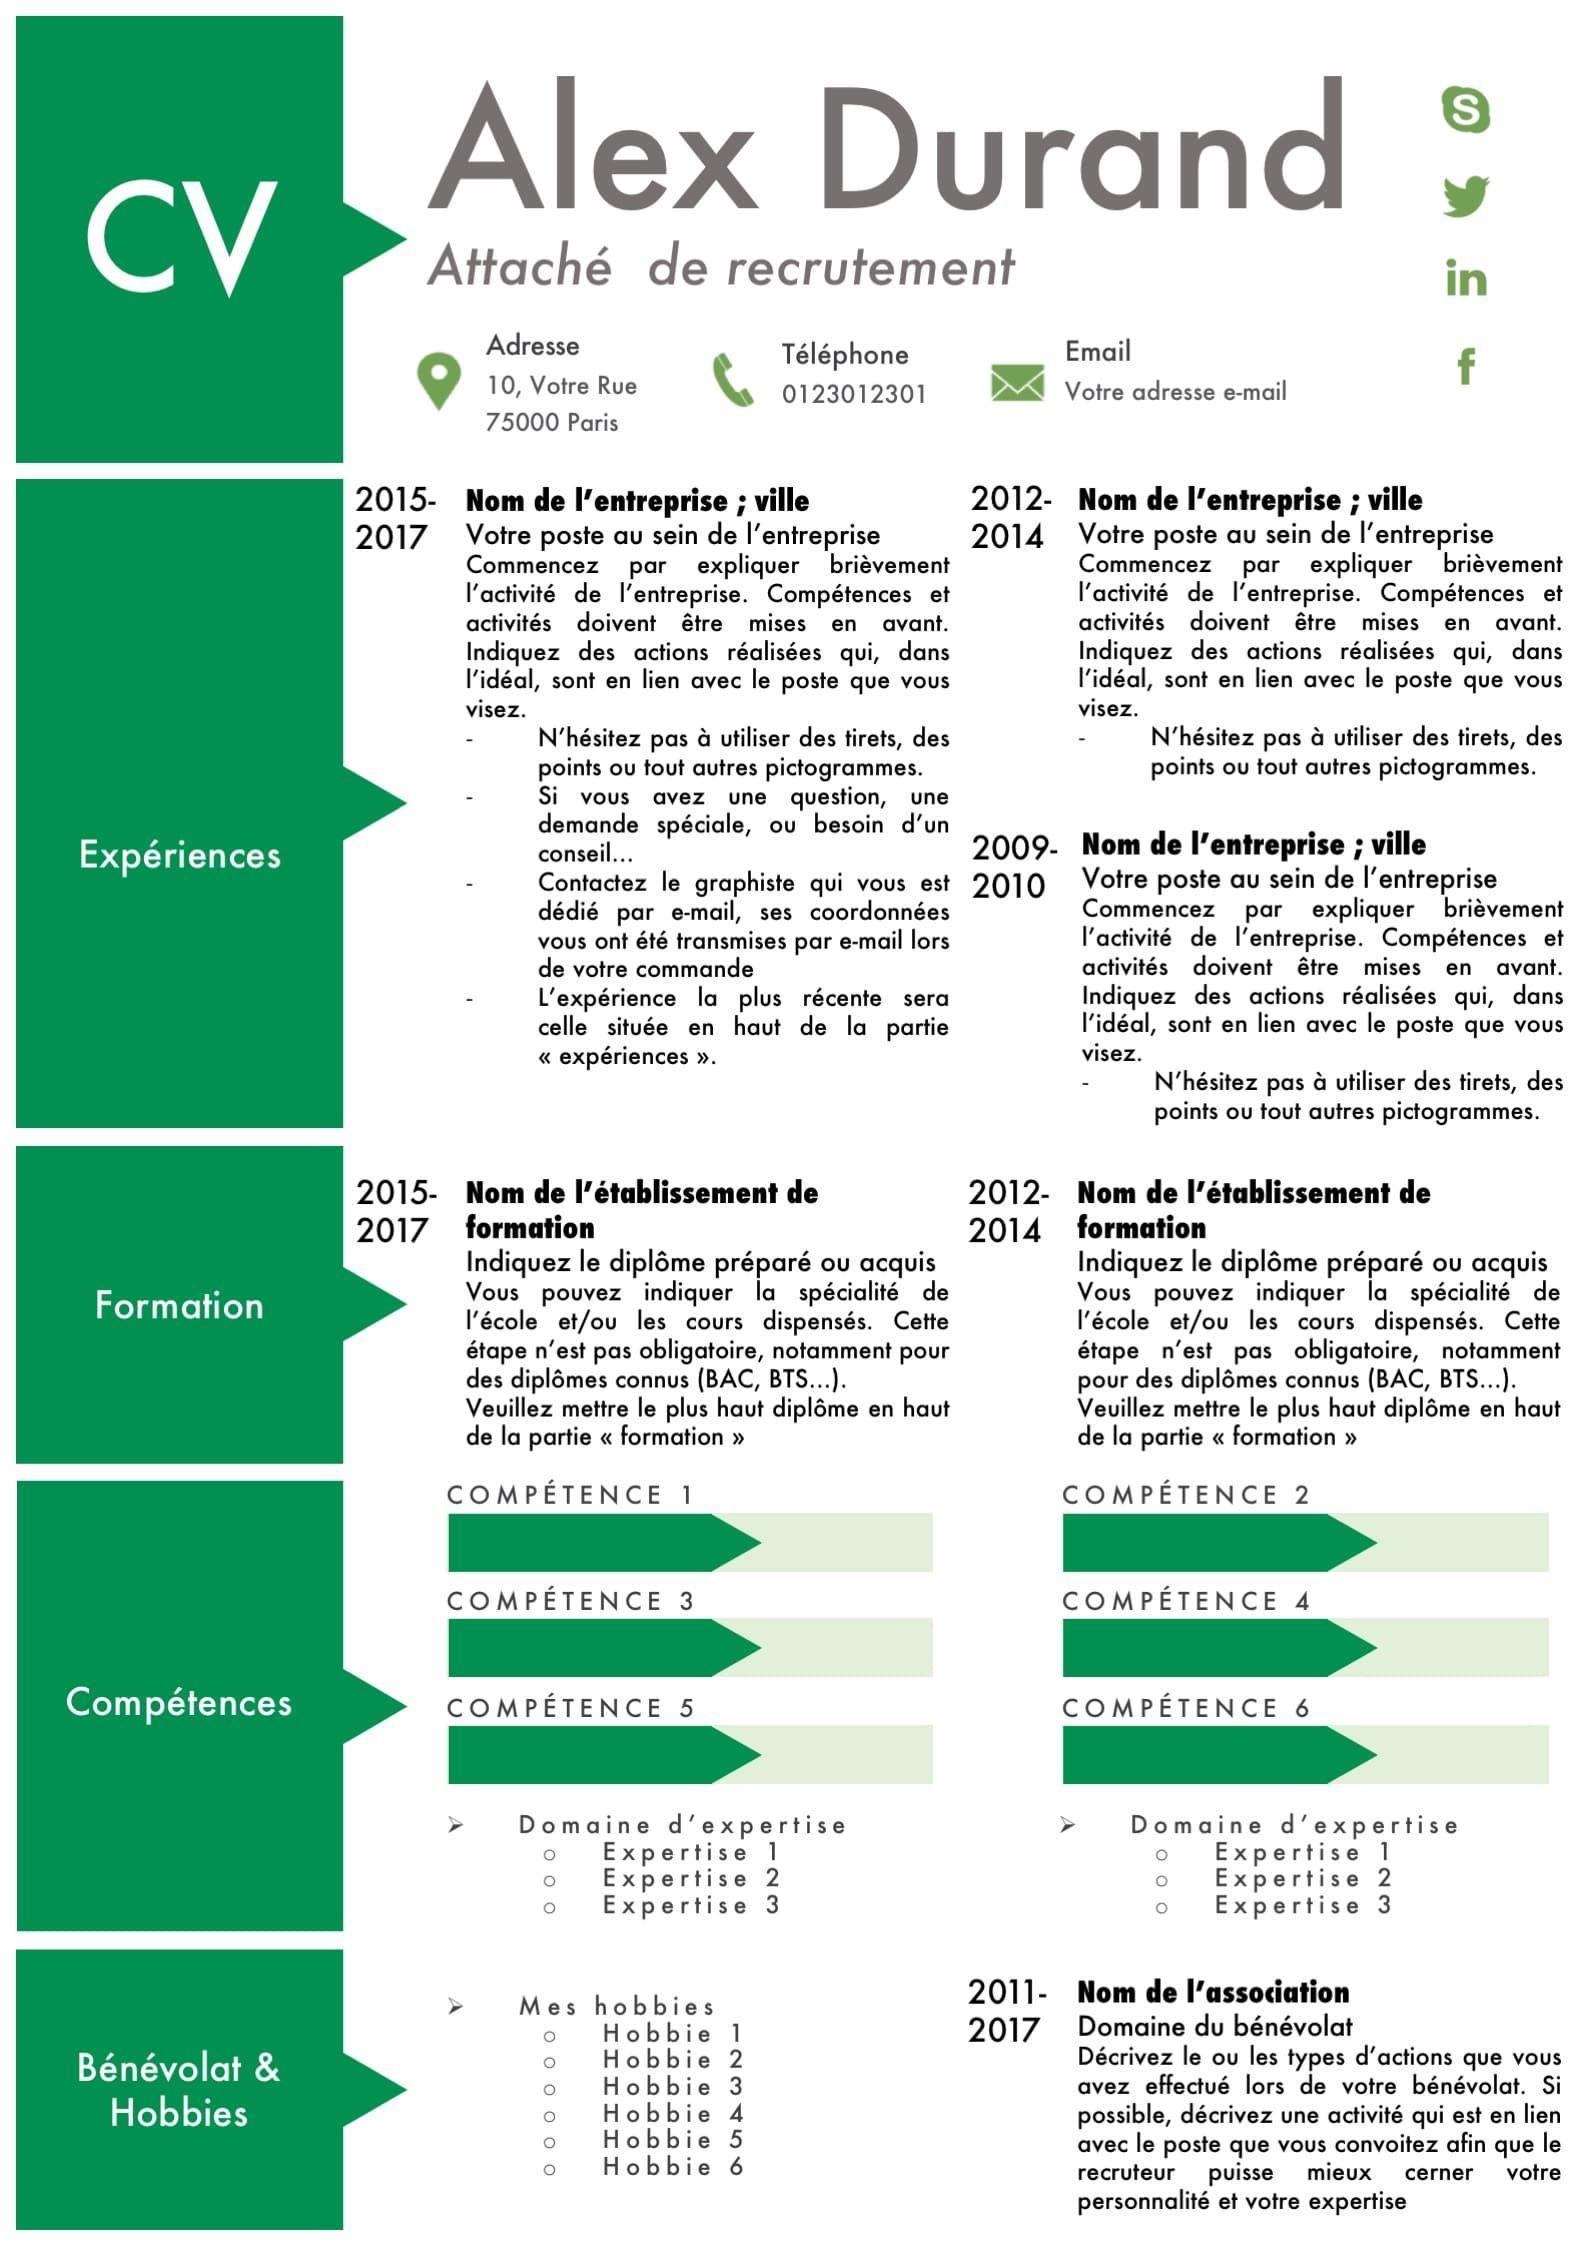 cv vert avec des pictogrammes et des compartiments pour structurer les exp u00e9riences  beau cv  u00e0